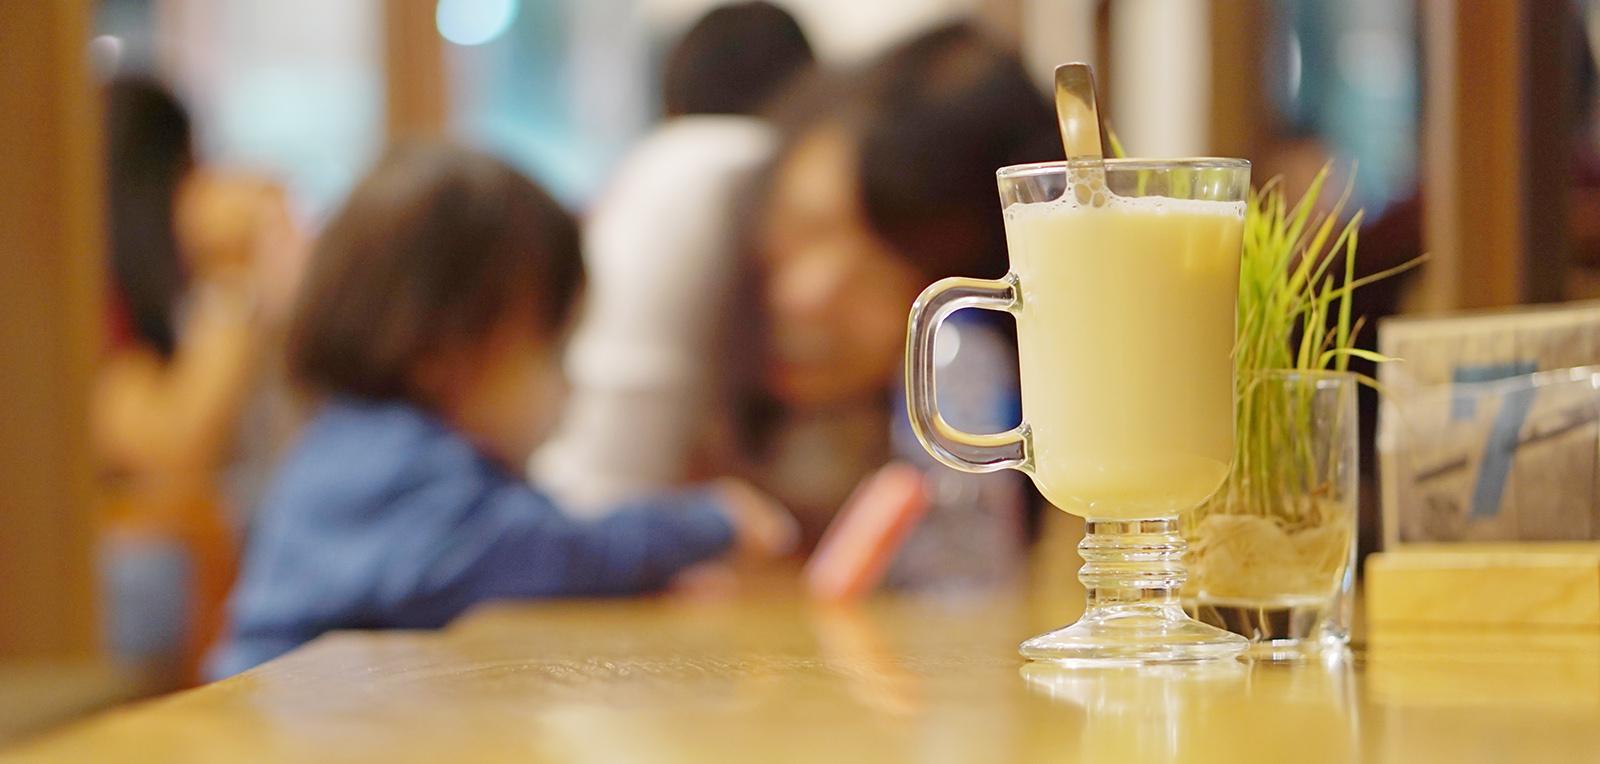 Menu warung salse Warung Salse cafe